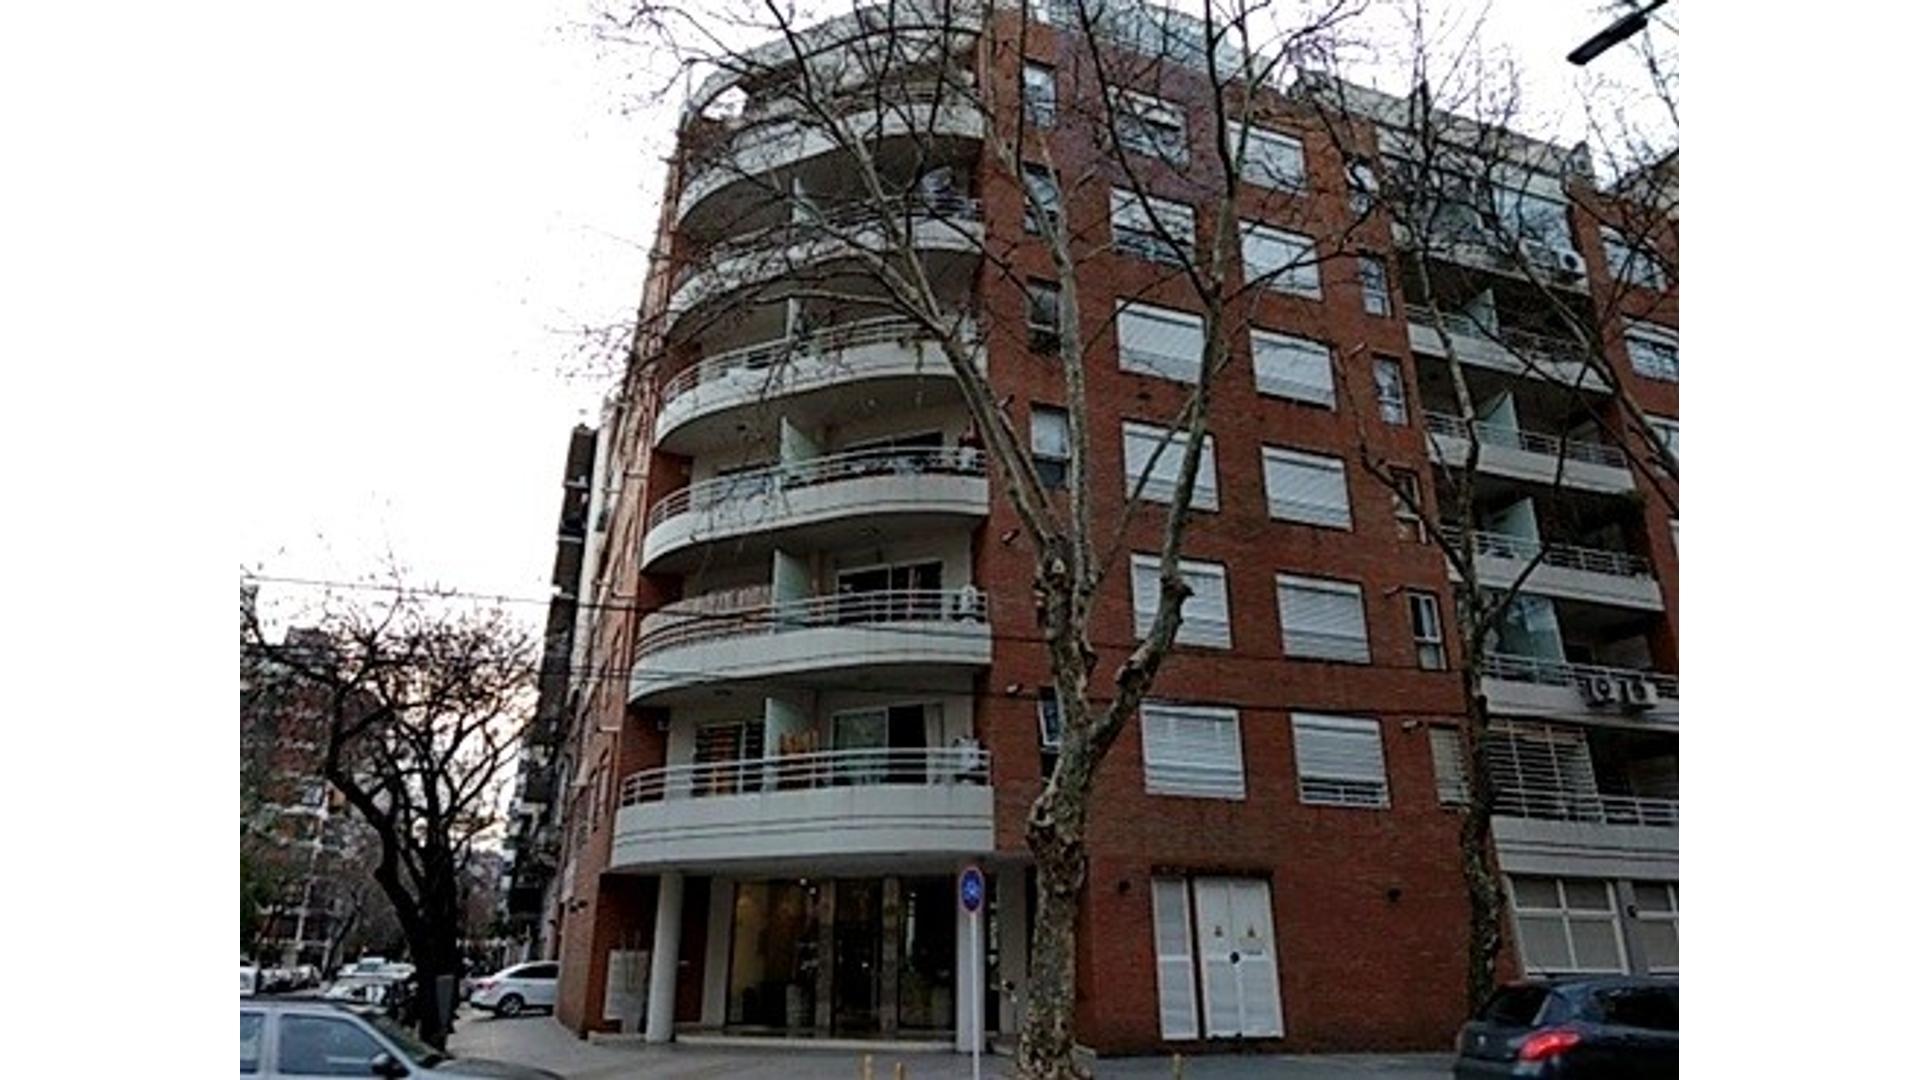 Almagro APTO CREDITO Venta departamento 2 ambientes 48 m2 con balcón al frente muy luminoso 2 cocher